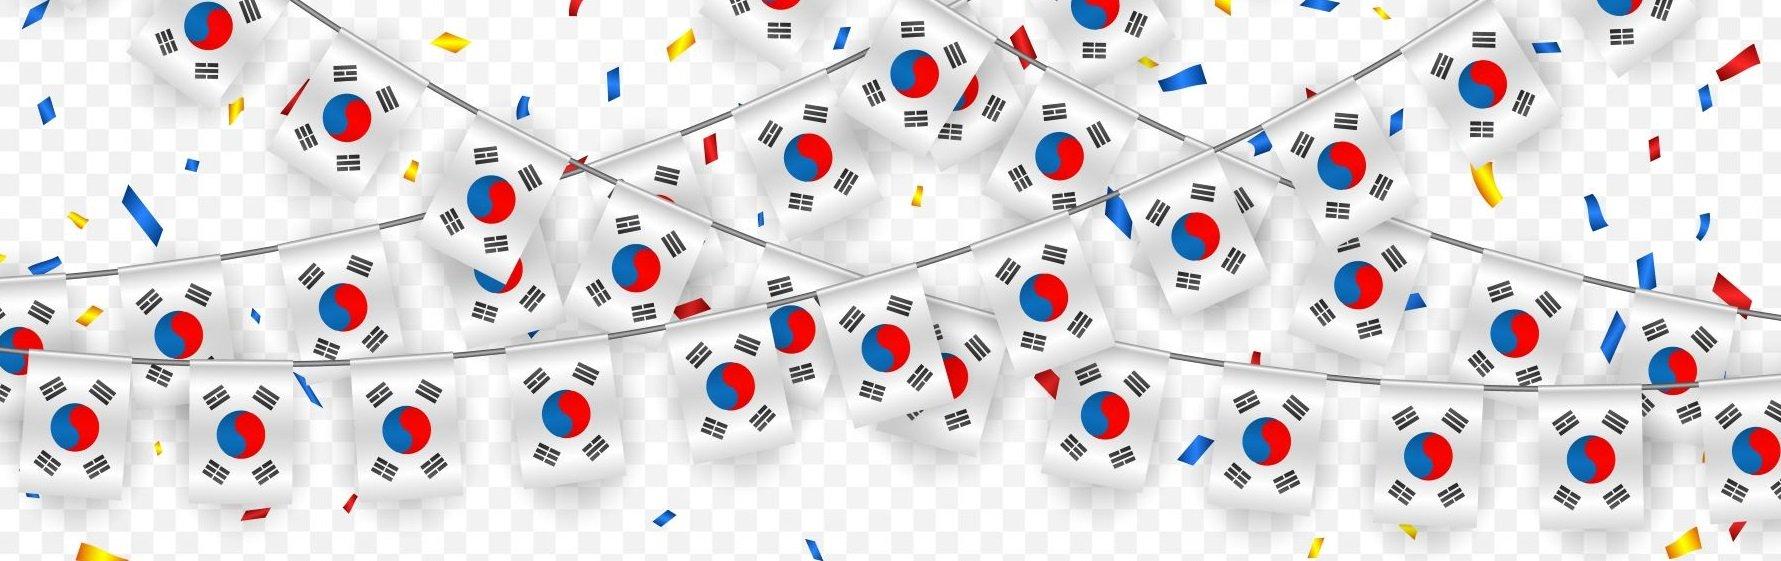 El idioma coreano es tendencia